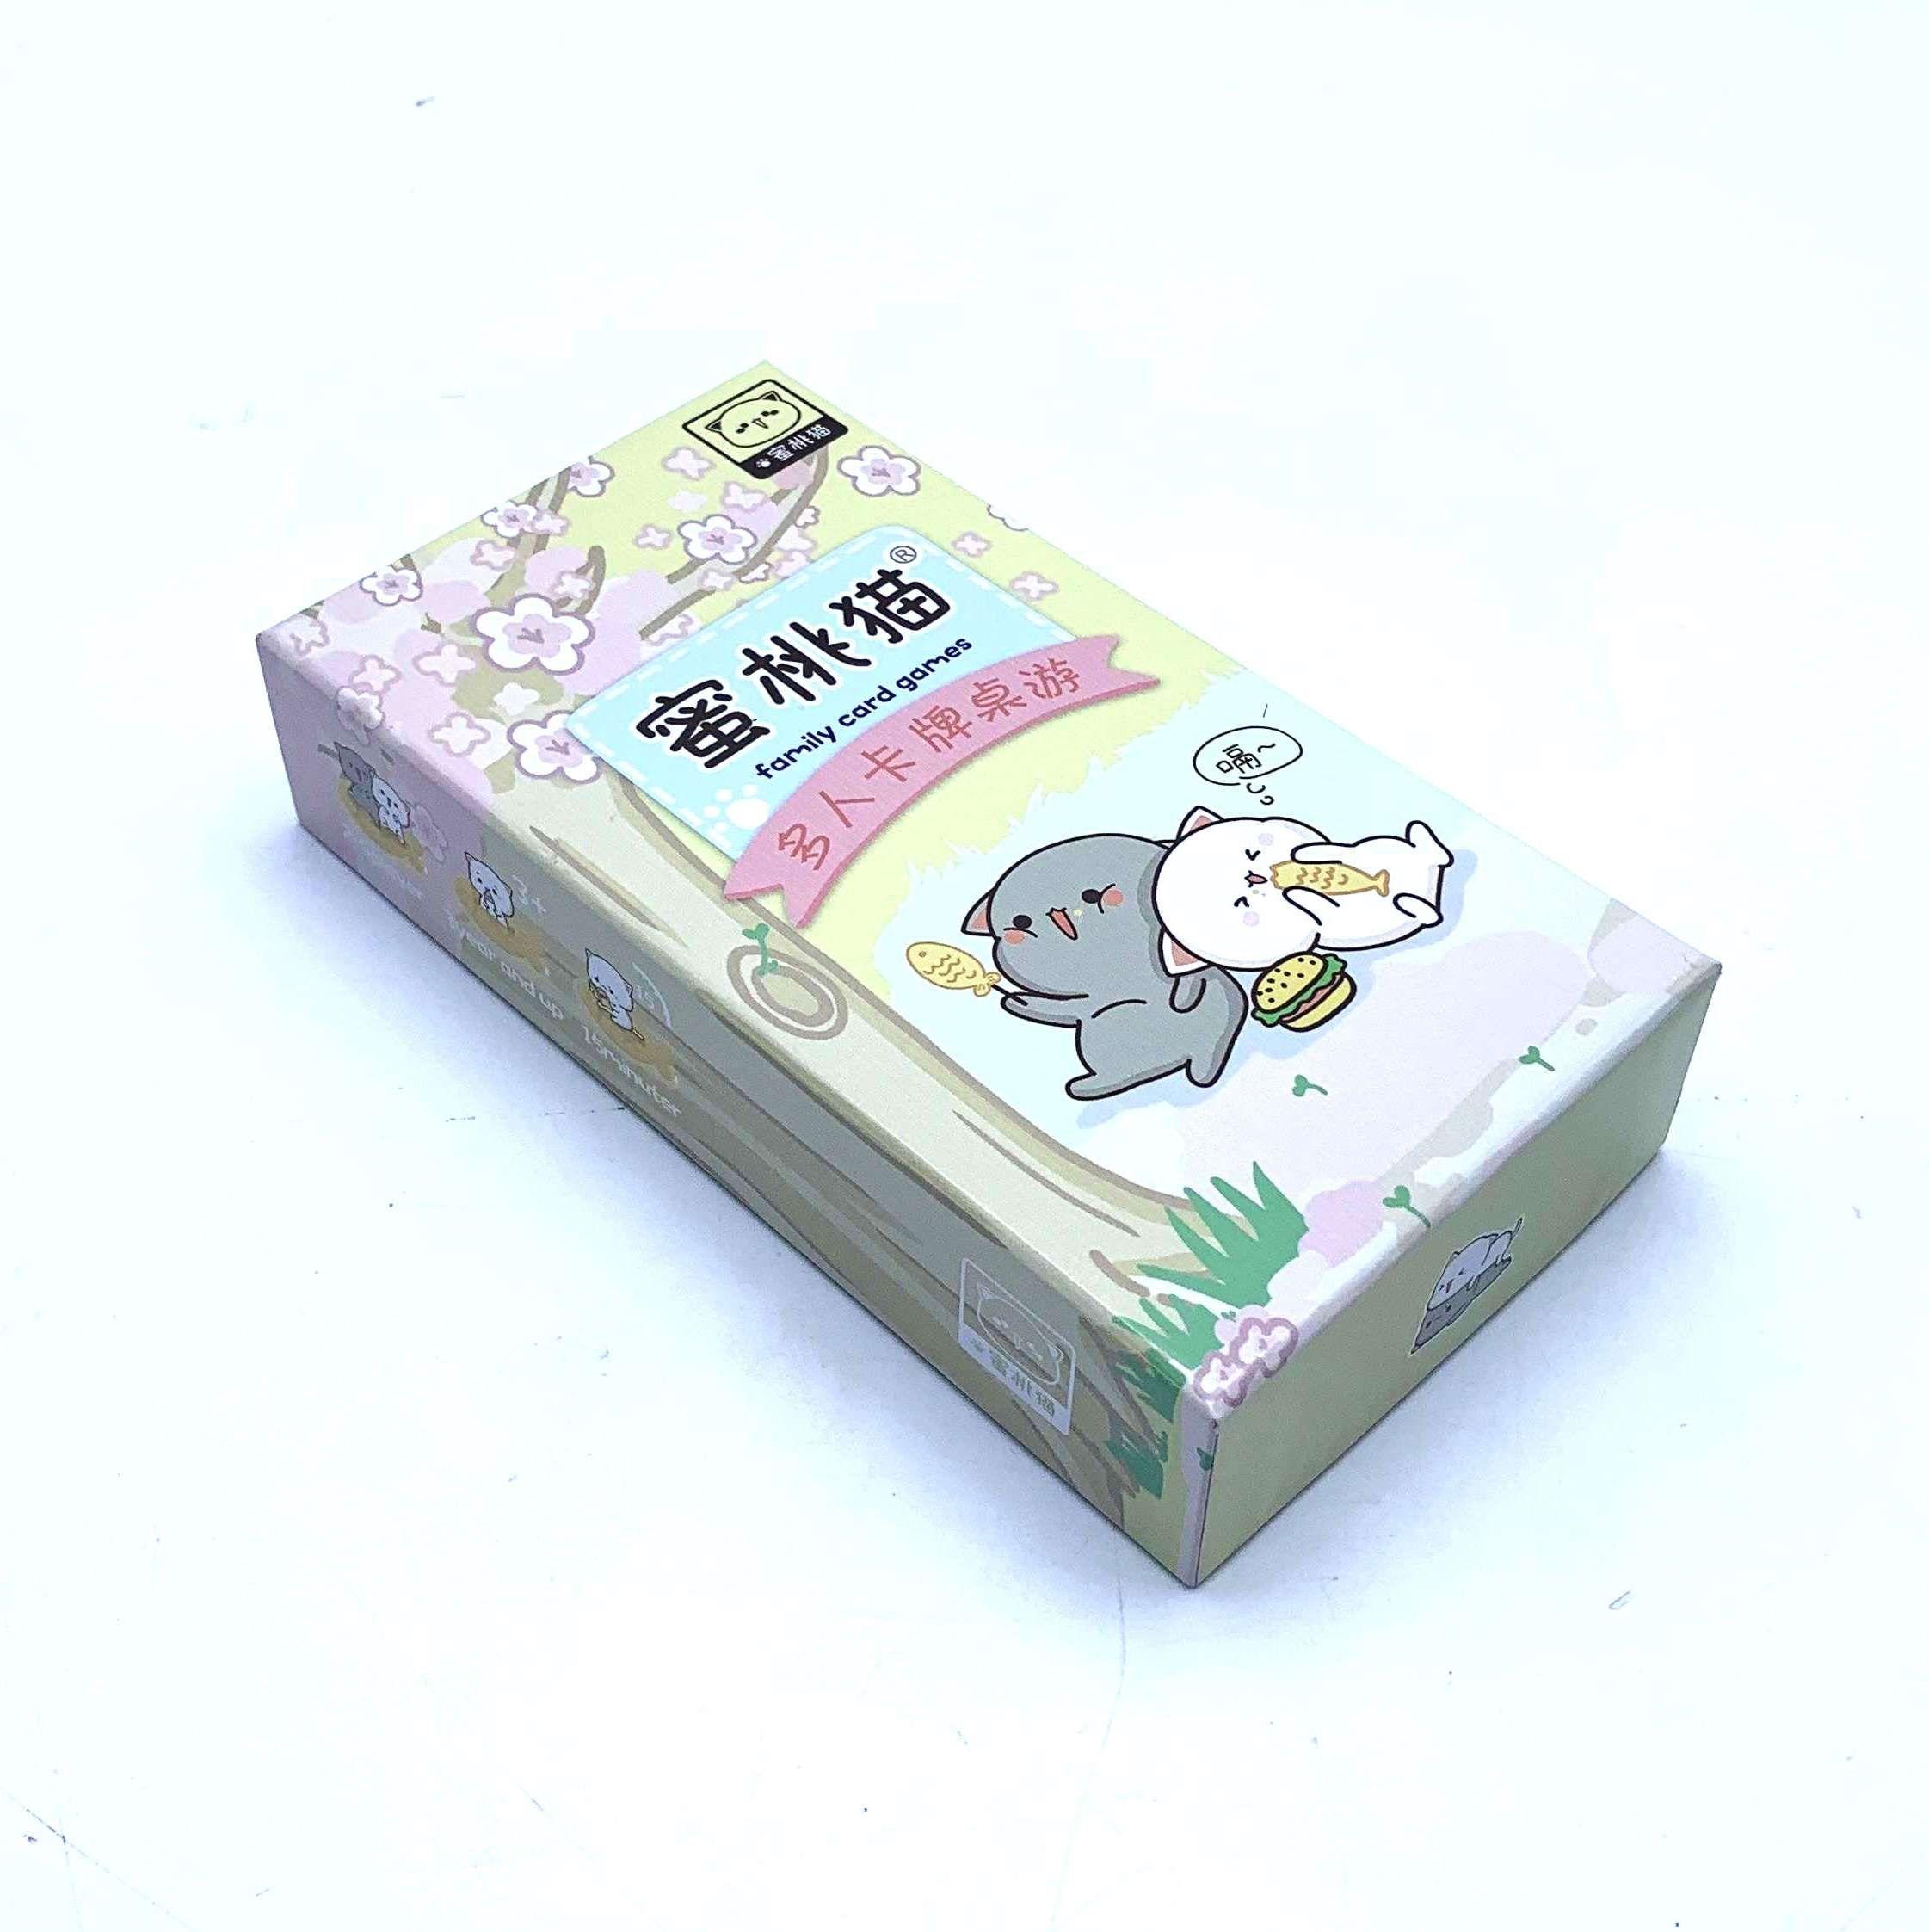 Mochi Mochi Peach Cat Card Game